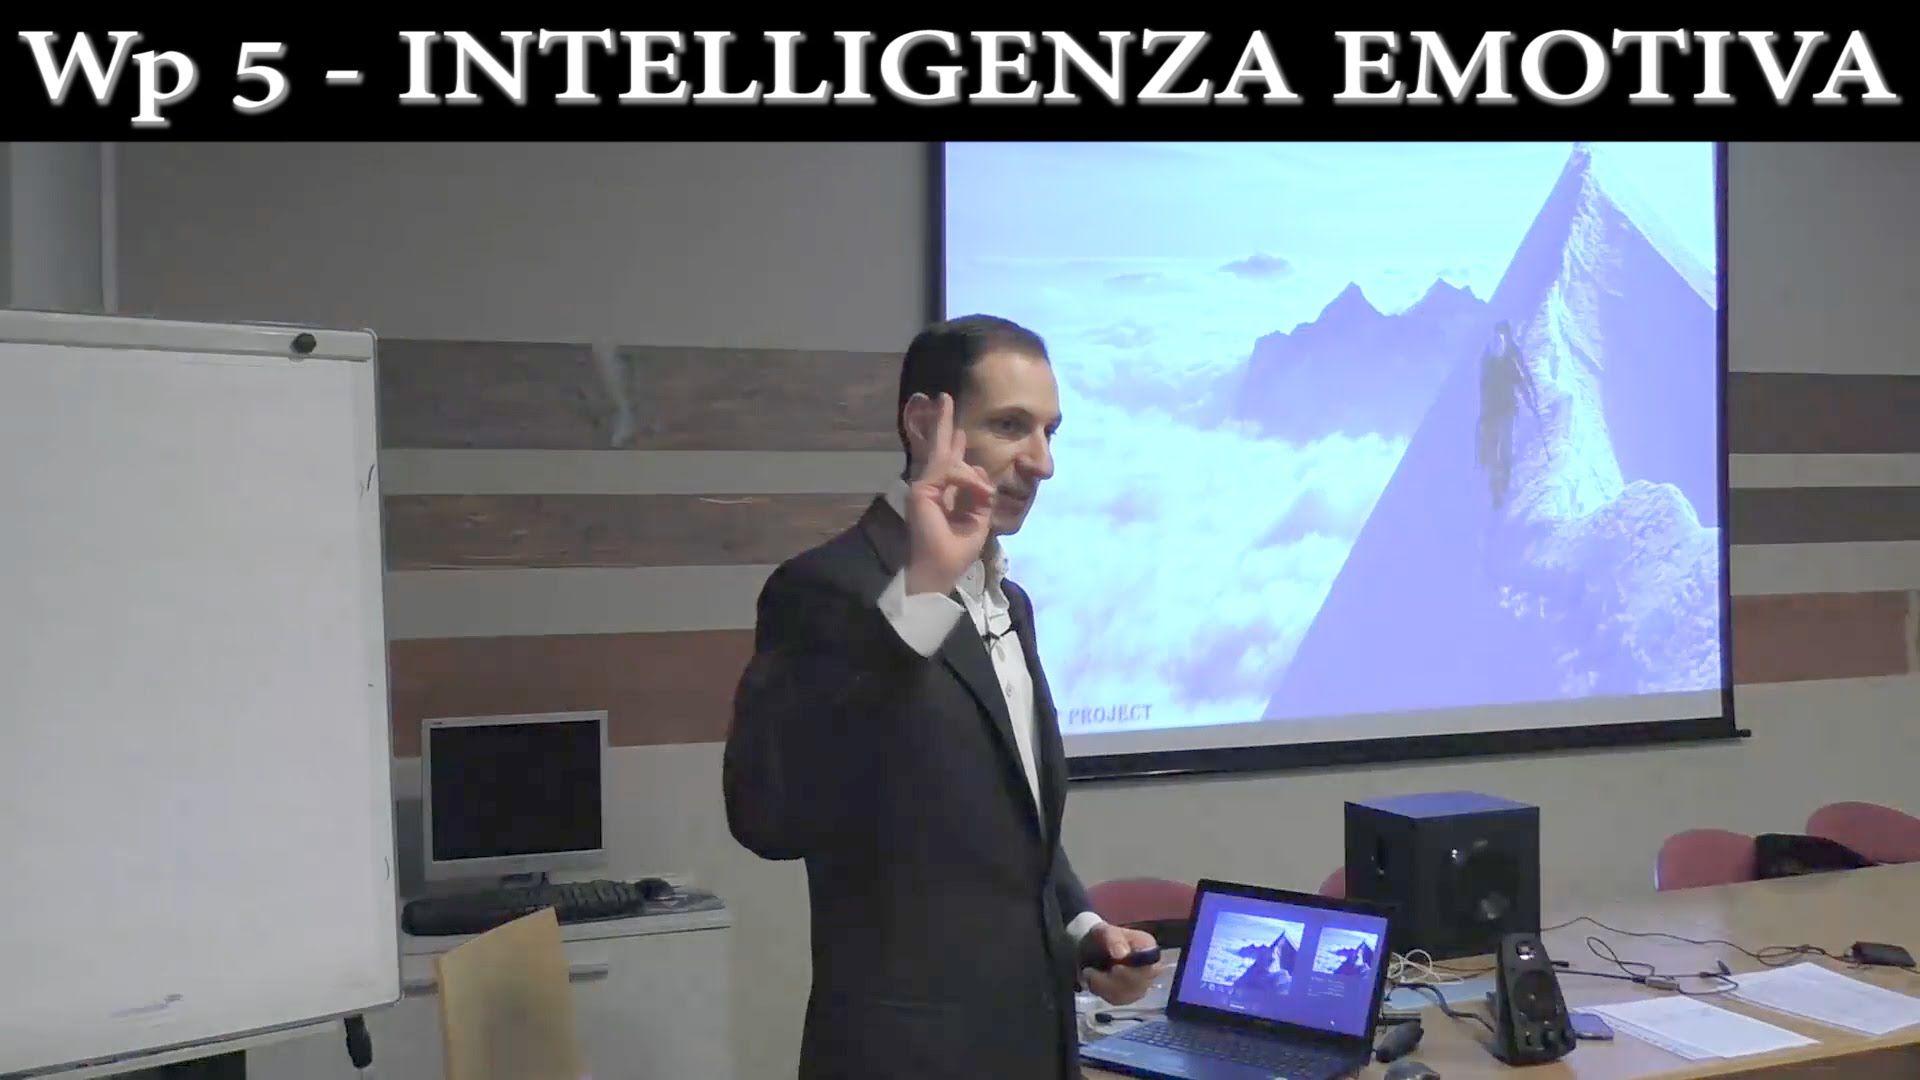 Wp 5 -  Intelligenza Emotiva